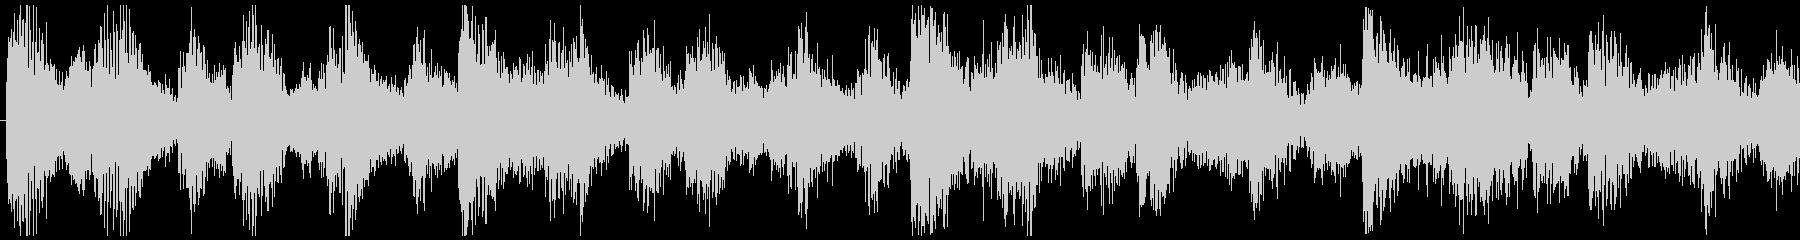 爽やかな朝に聞くBGM-ループ4の未再生の波形